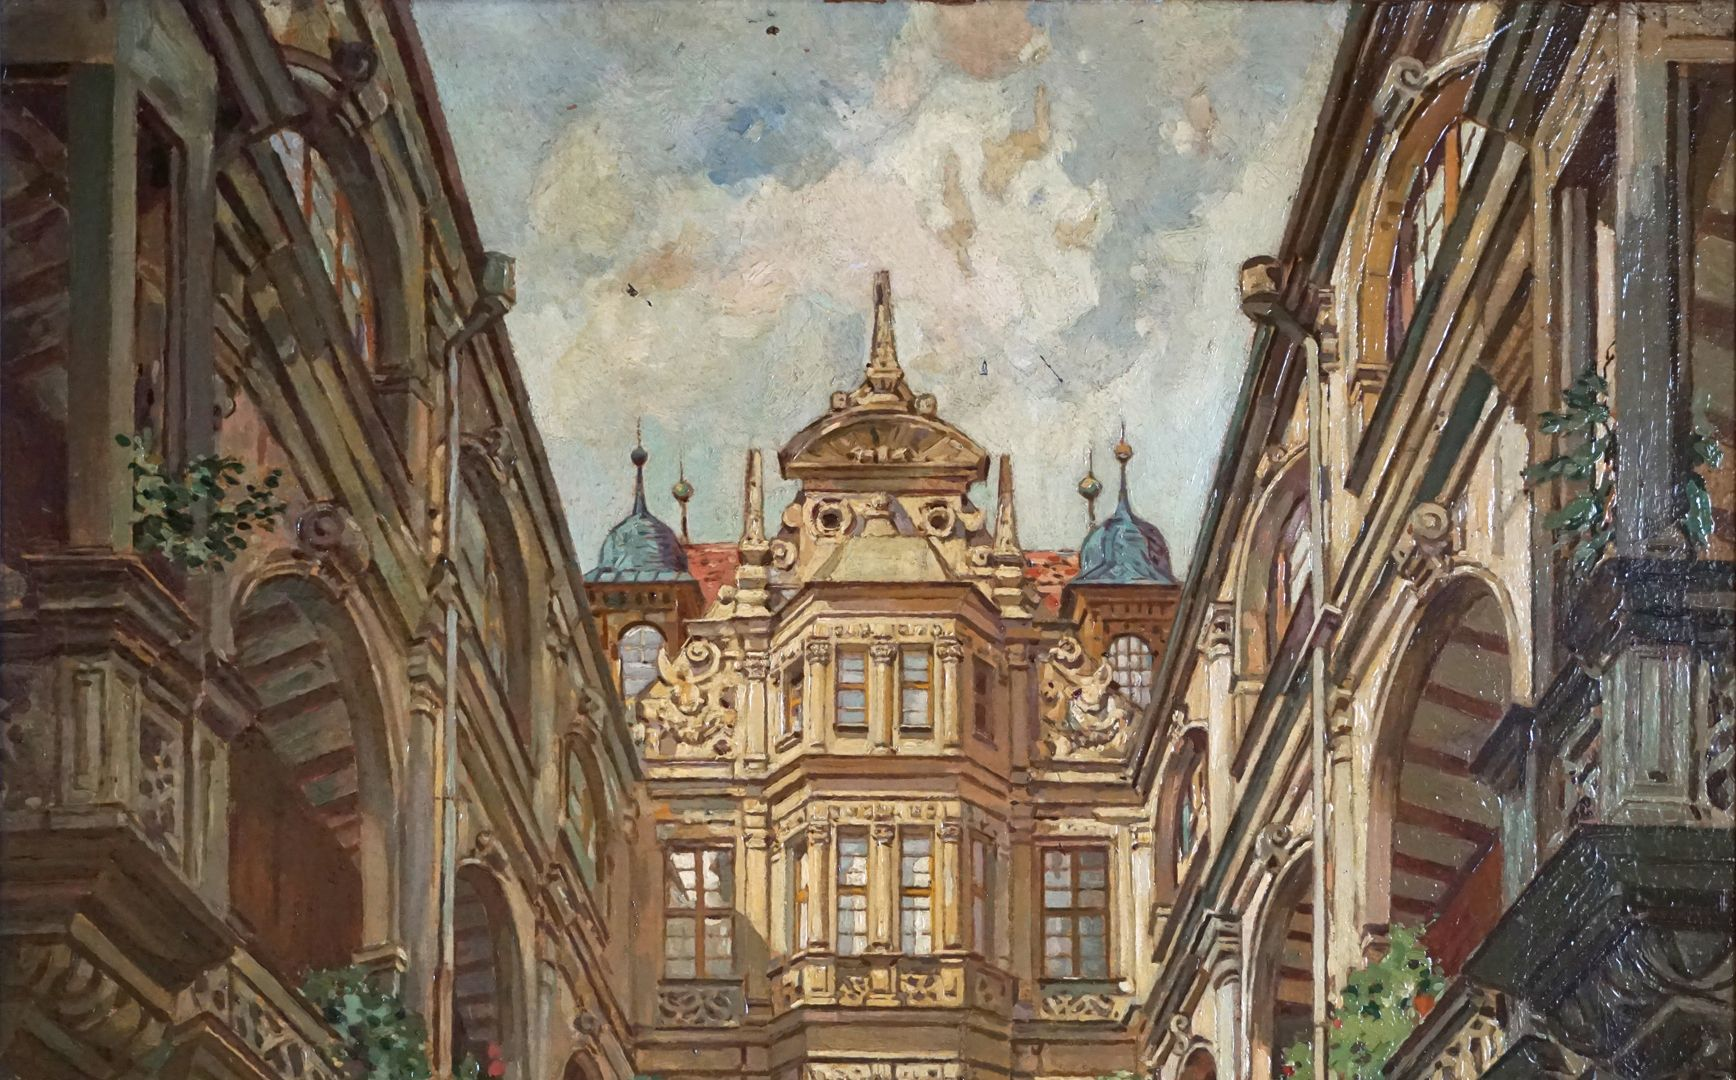 Hof des Pellerhauses oberes Bilddrittel